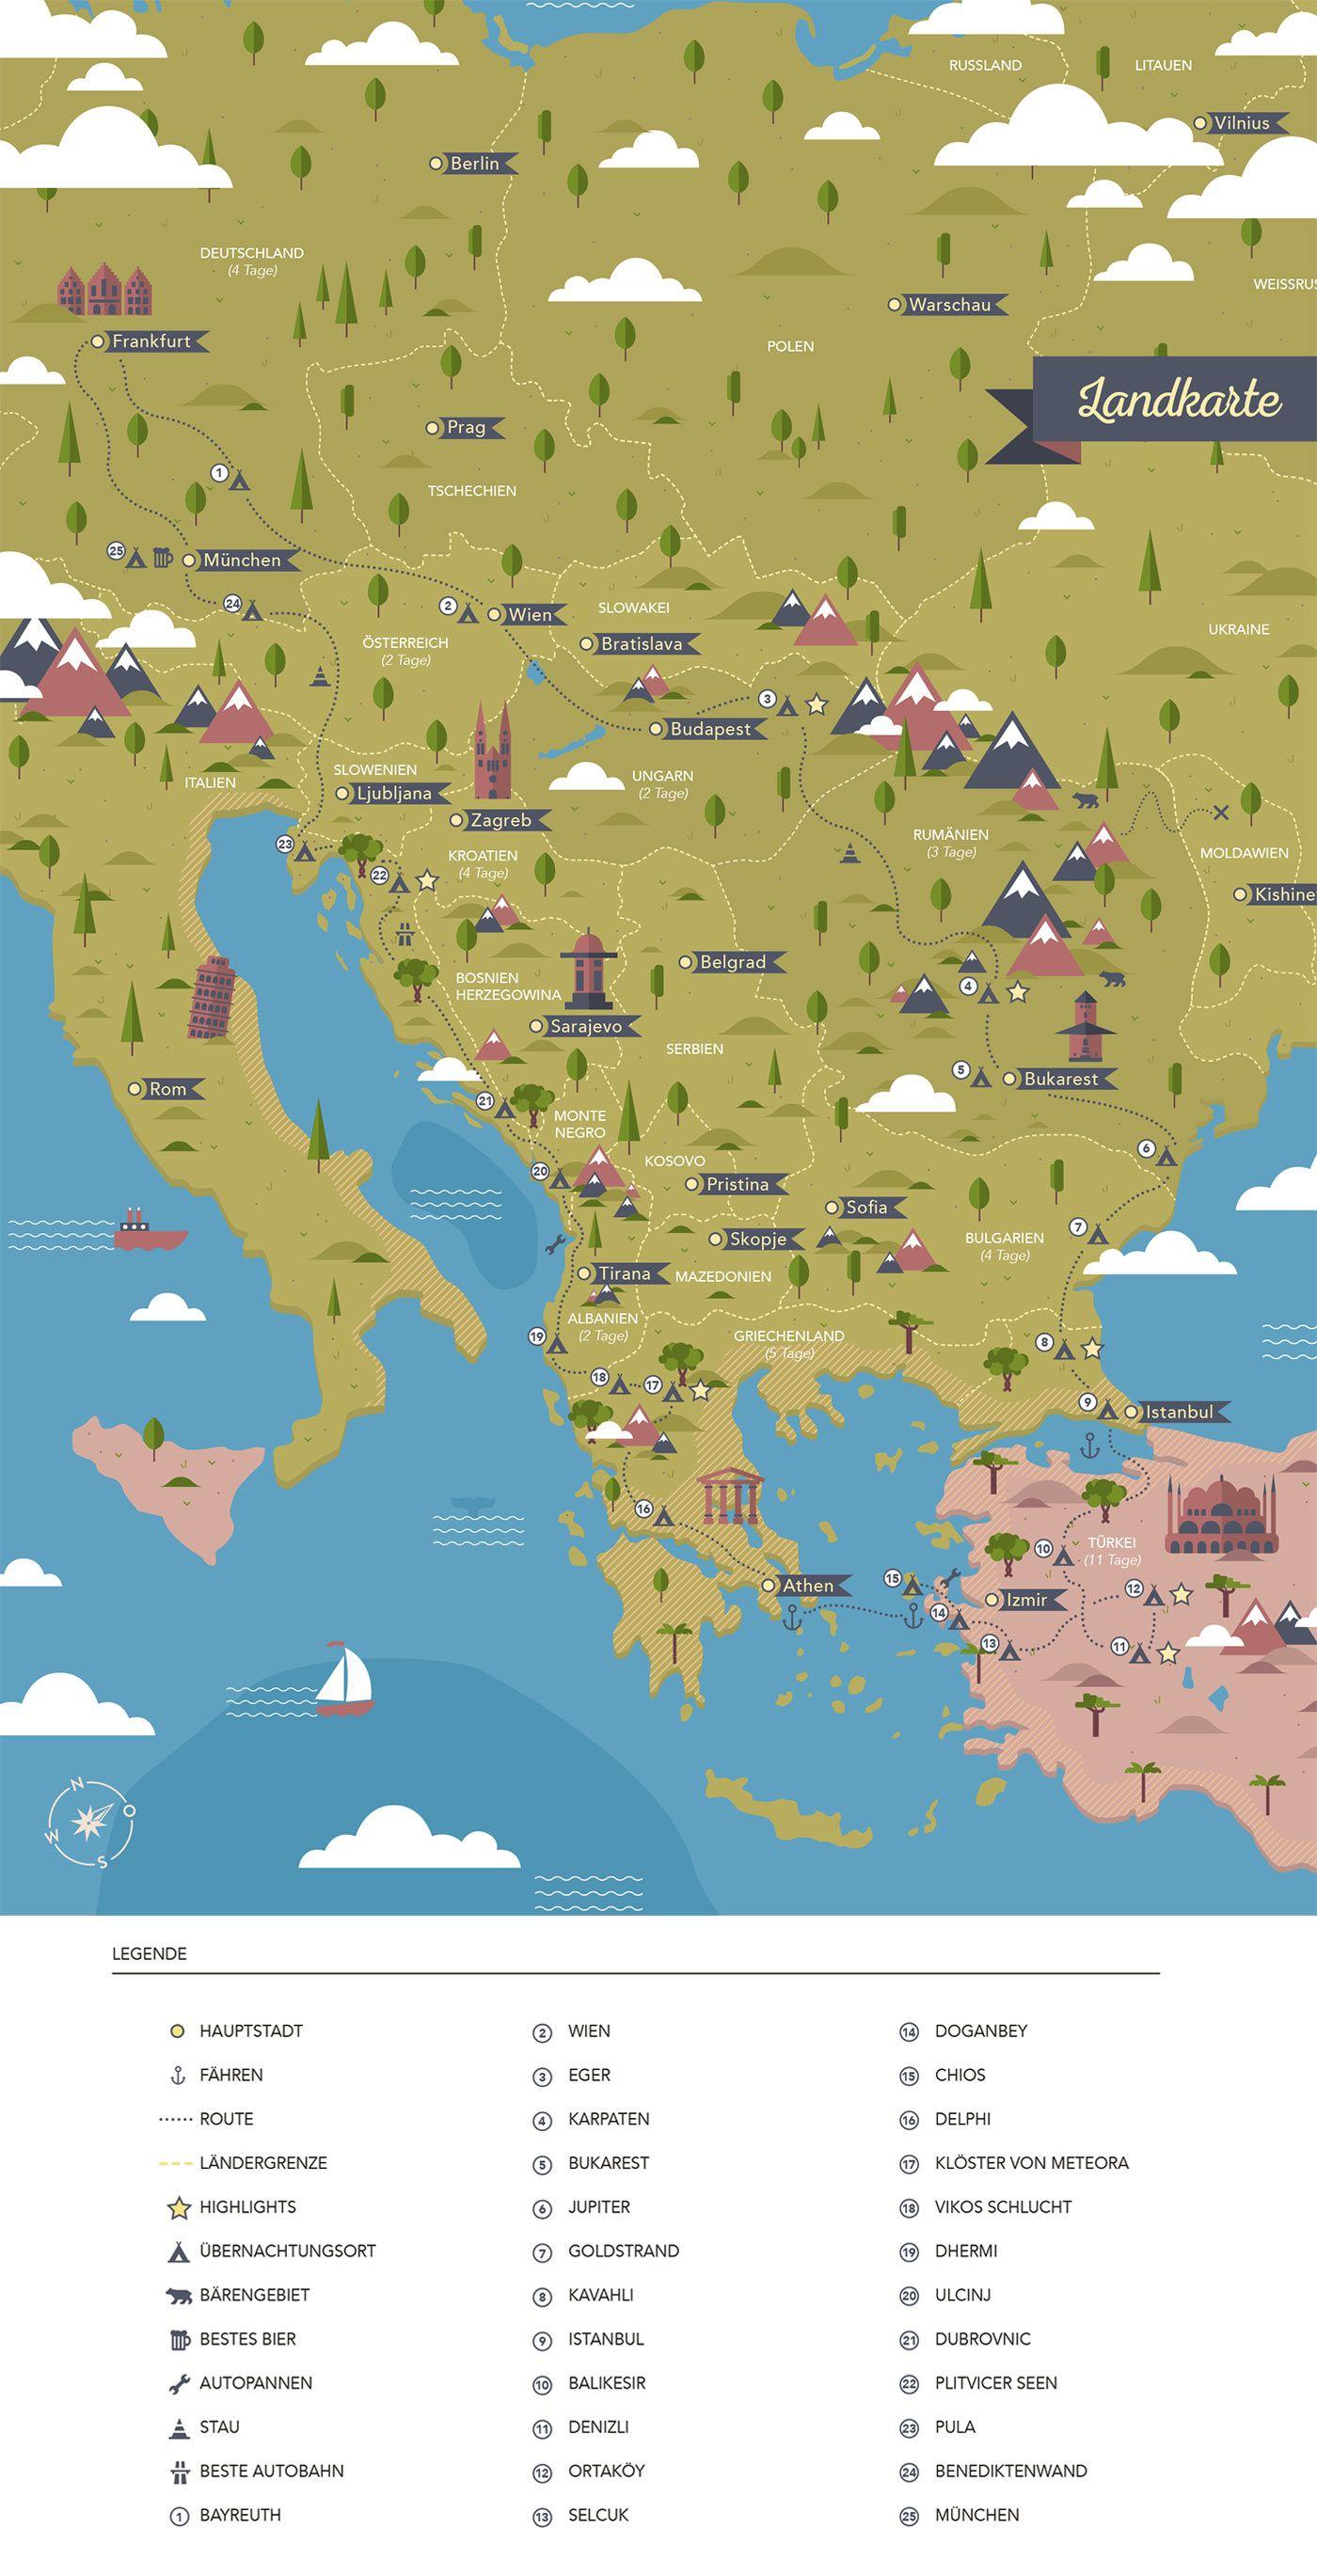 Reisevergnugen In 11 Fotos Durch Osteuropa Osteuropa Reisen